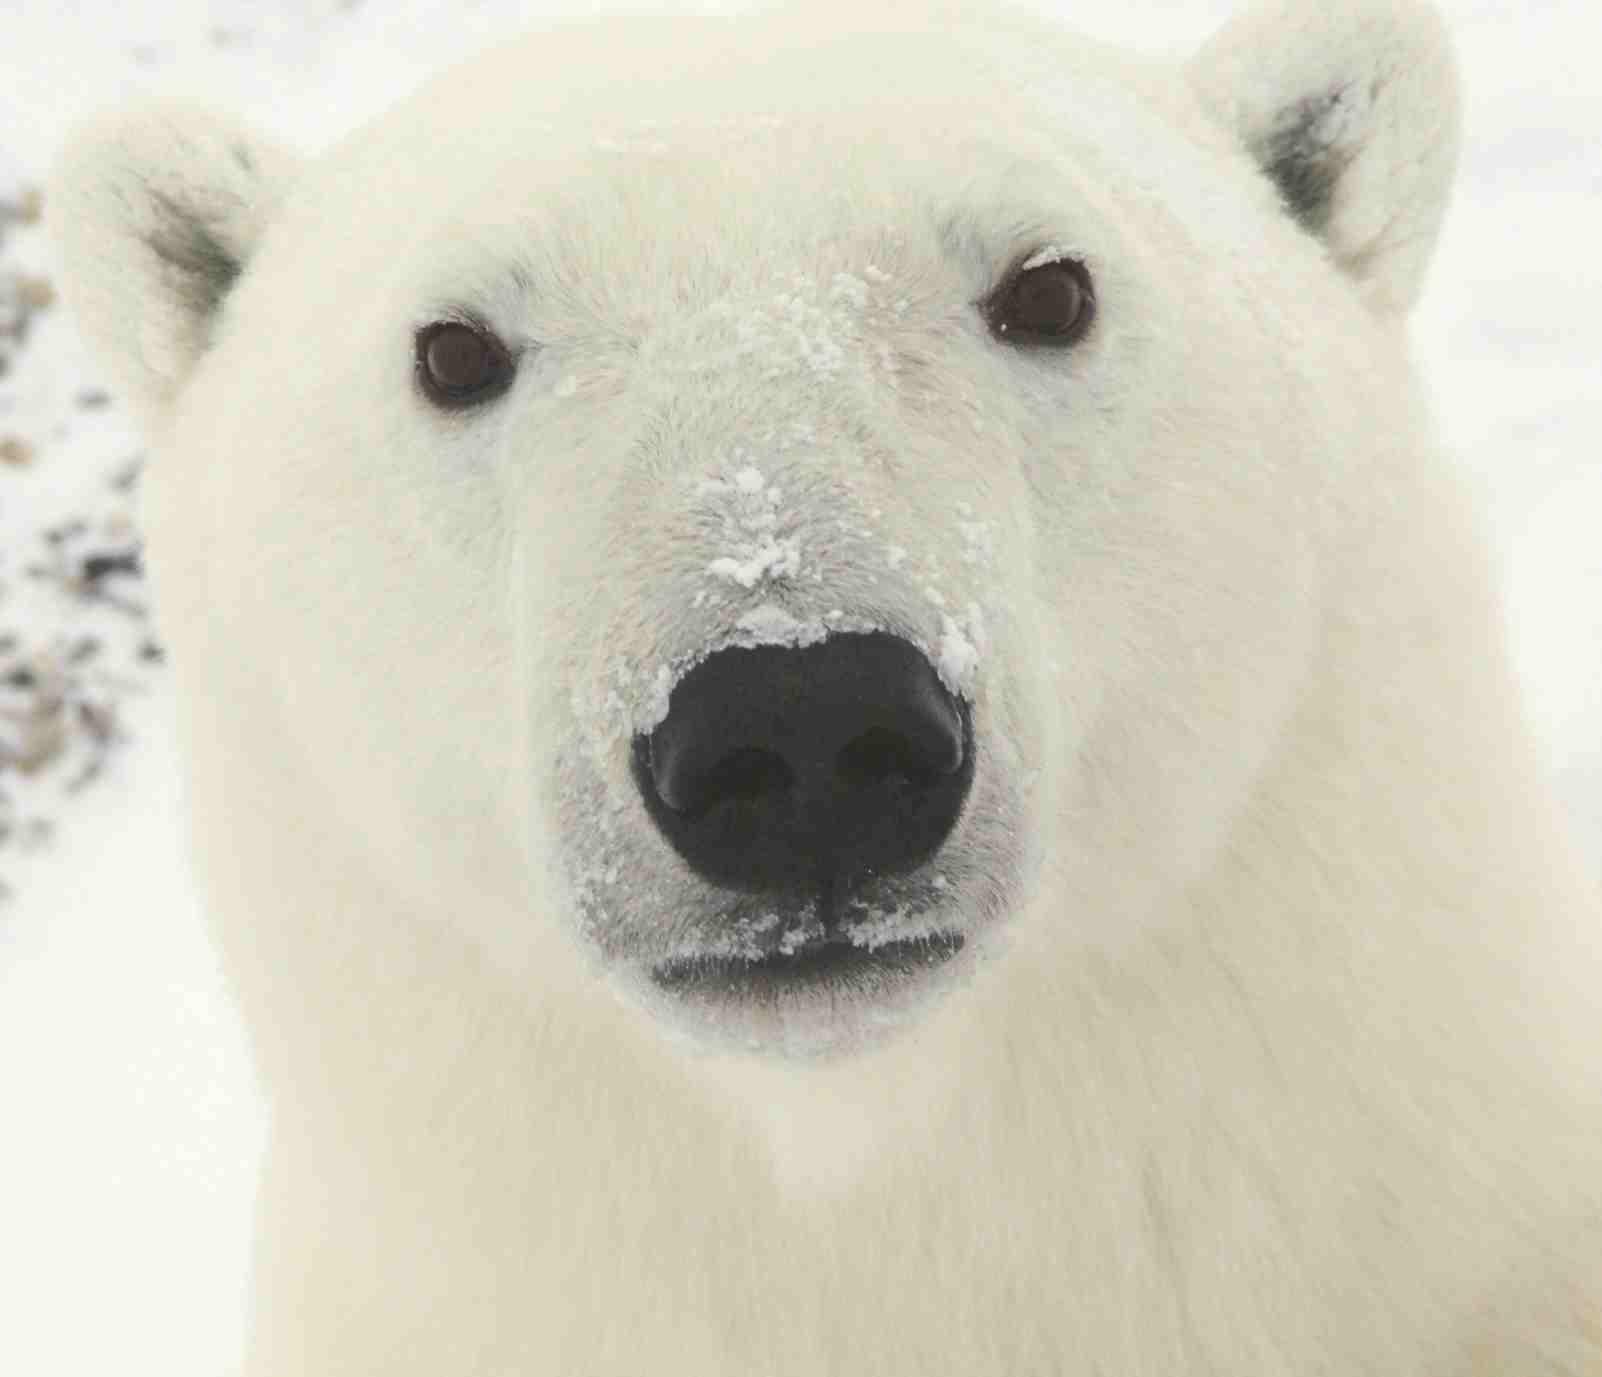 Tente não pensar em um urso branco